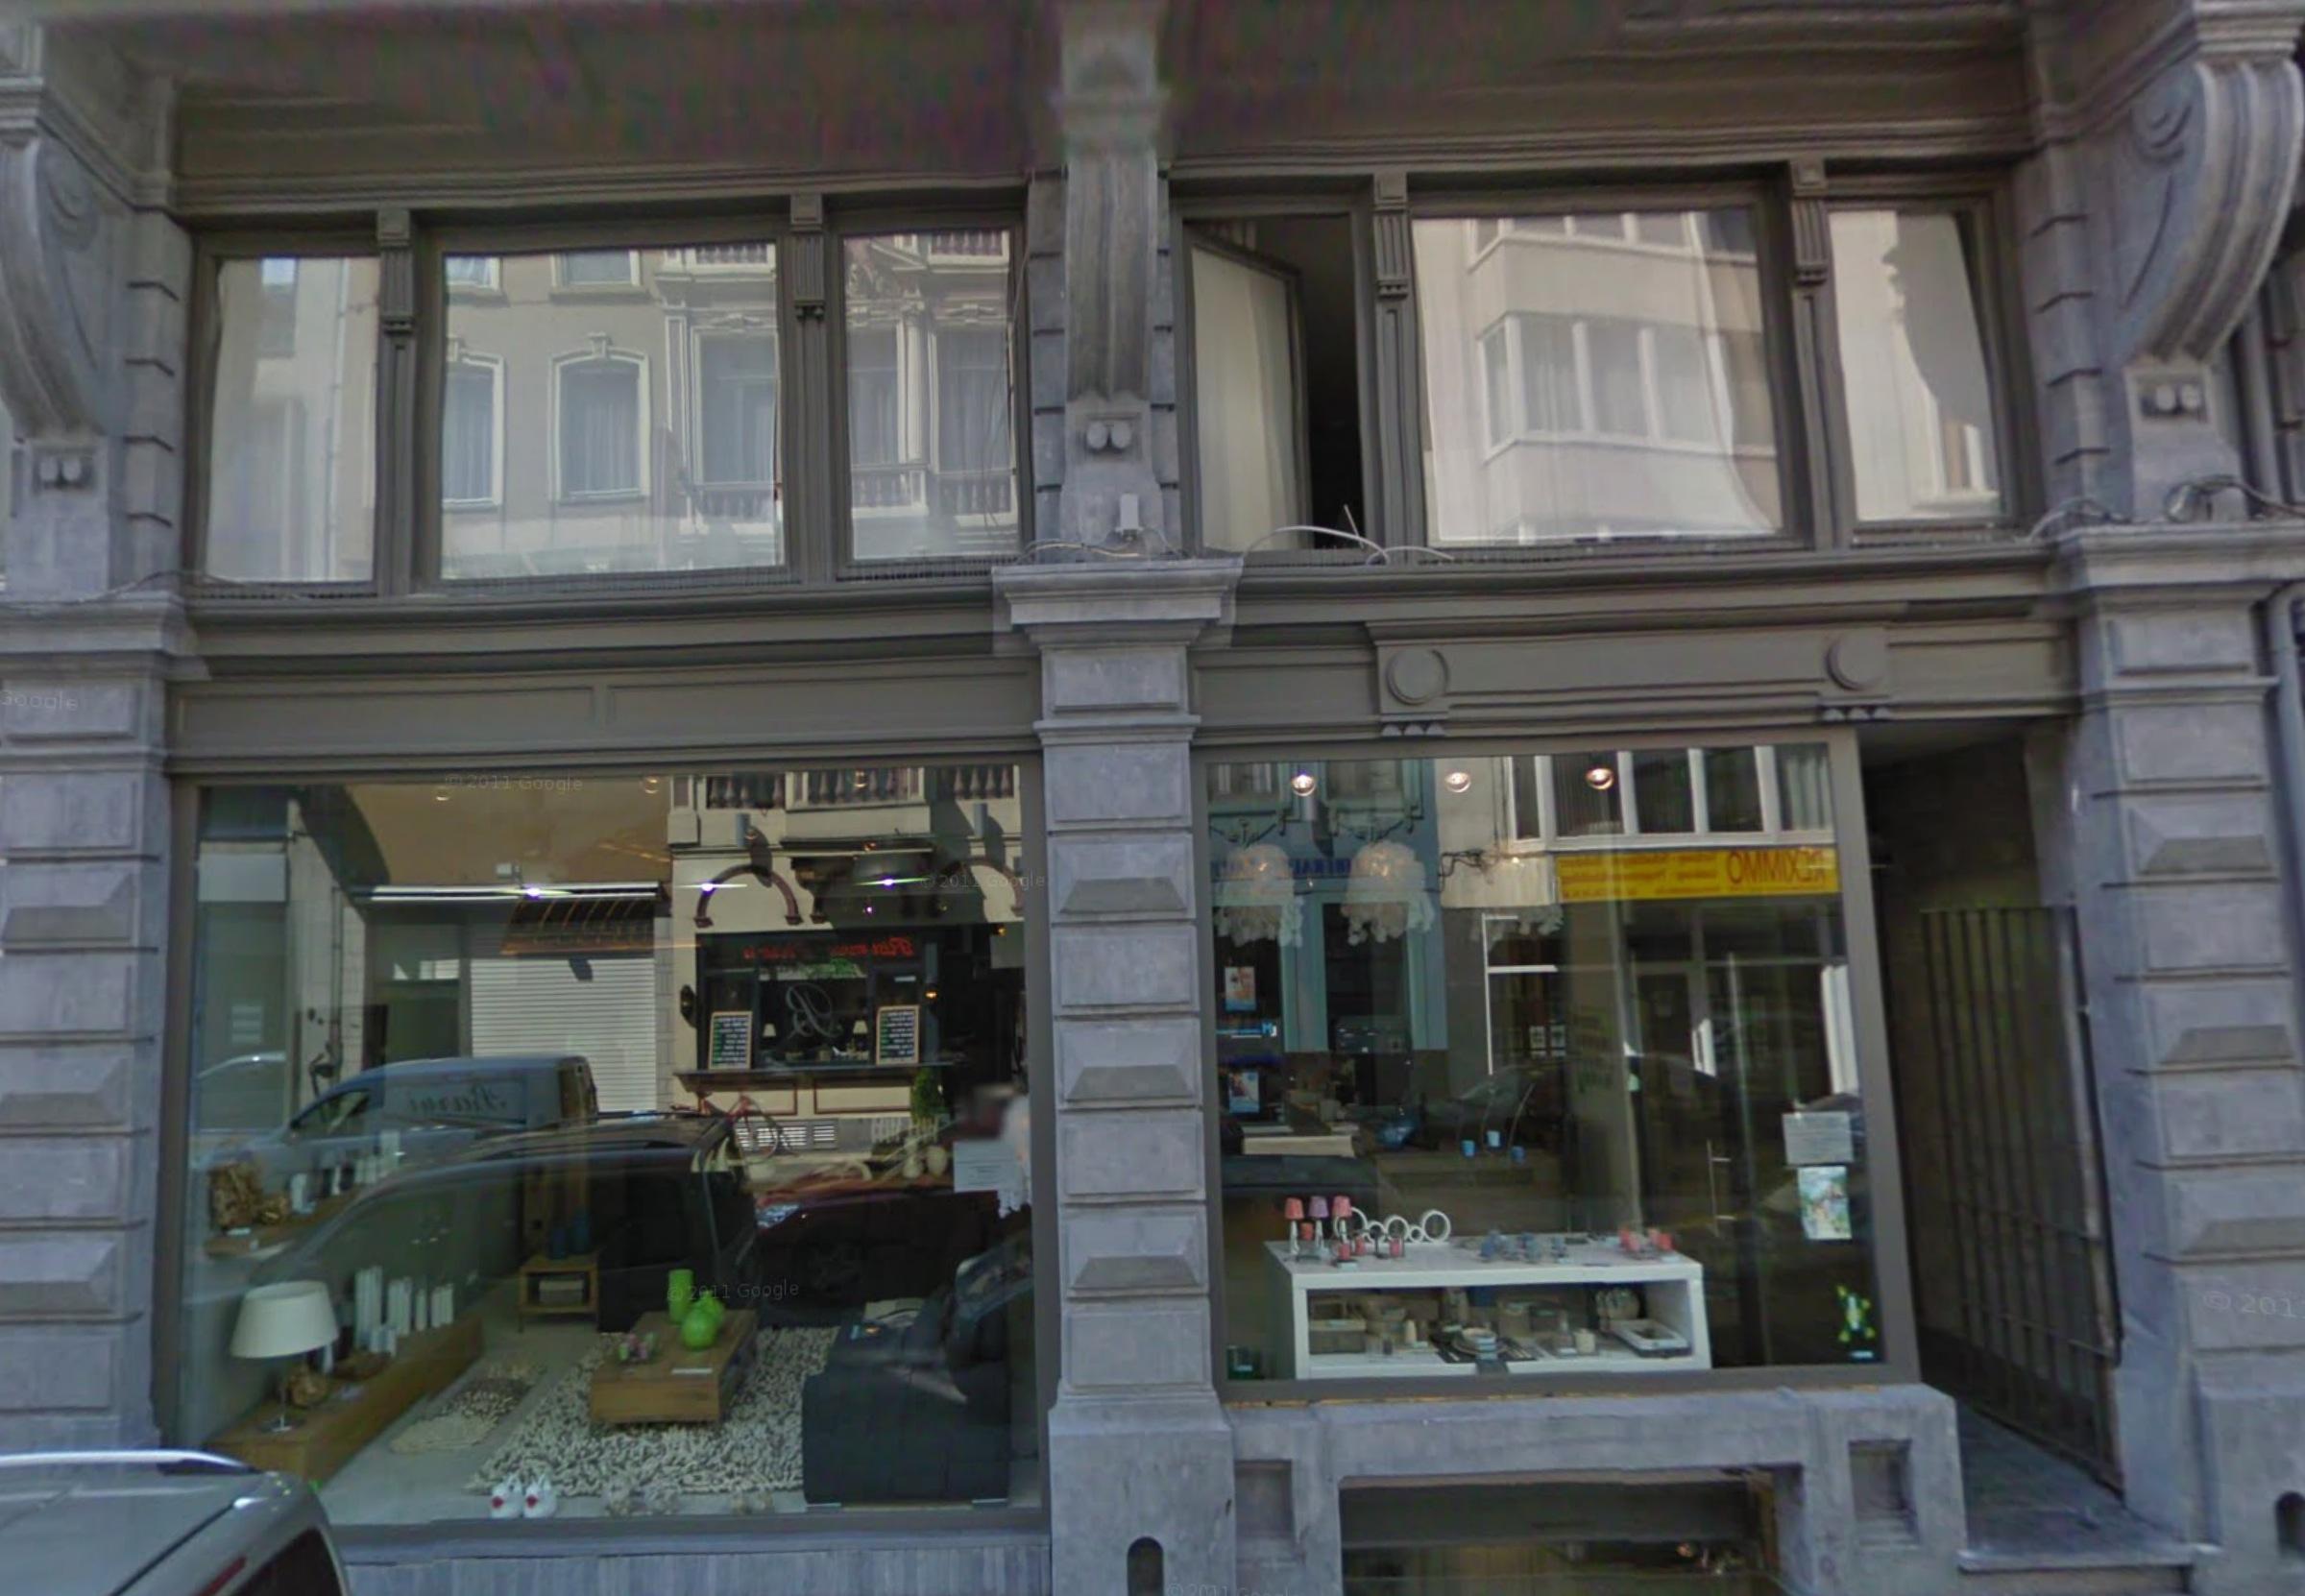 #635C4623622992 Ethnicraft Mobitec Scapa Home Serax Danca Nielaus Esschert Design Aanbevolen Design Meubelen Brabantdam 1389 afbeelding/foto 240016621389 beeld